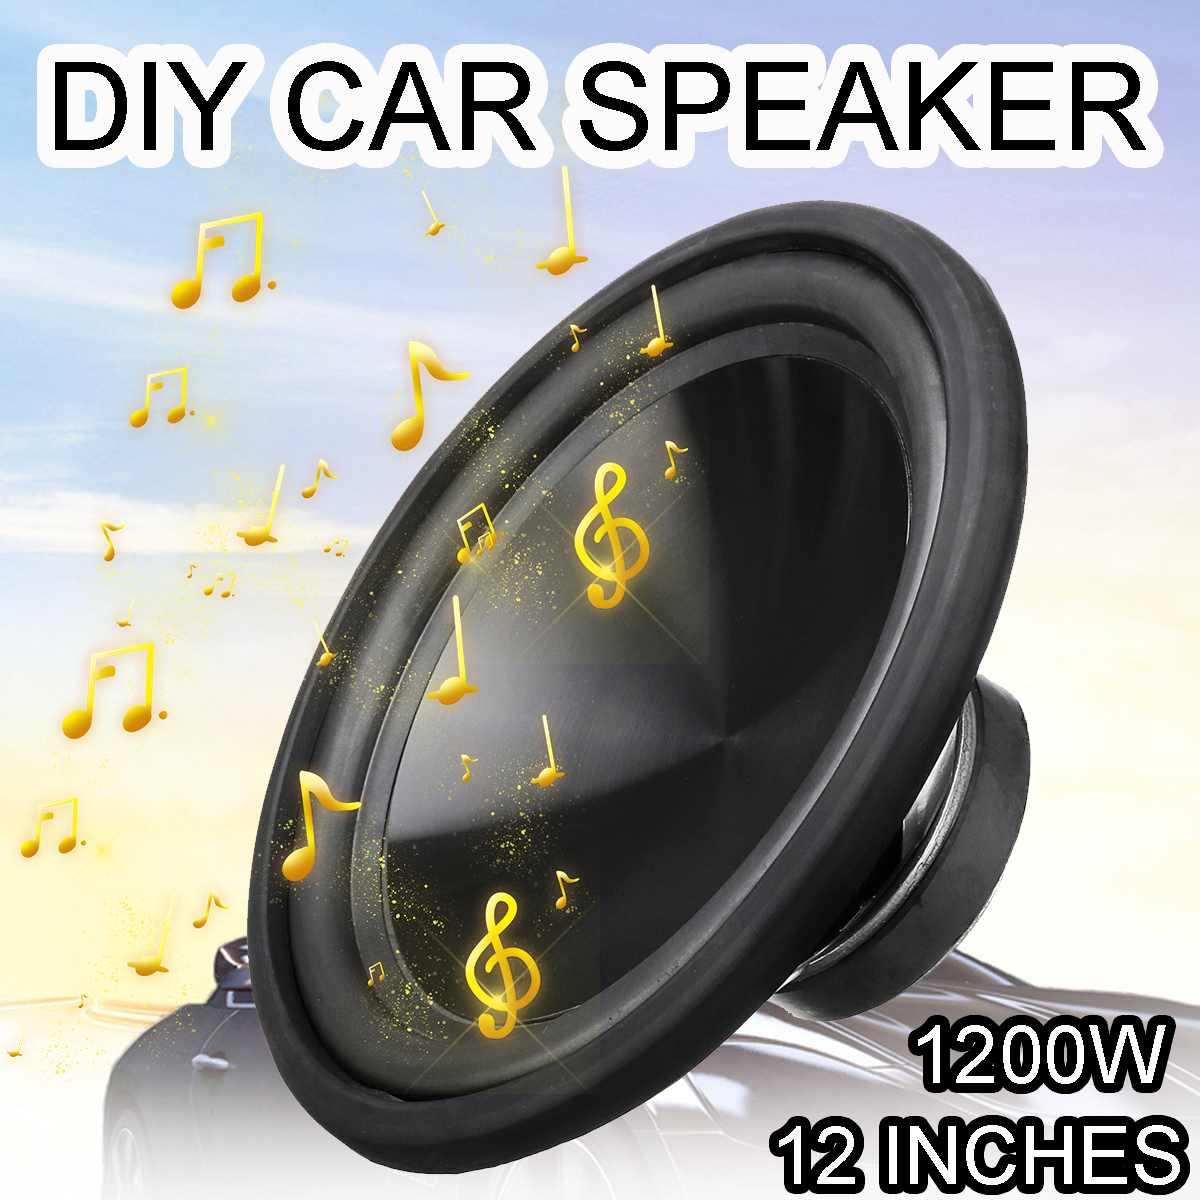 12 pouces 1200 W Auto haut-parleur de voiture haut-parleurs coaxiaux corne Subwoofer voiture bricolage basse corne musique stéréo Hifi véhicule voiture haut-parleur